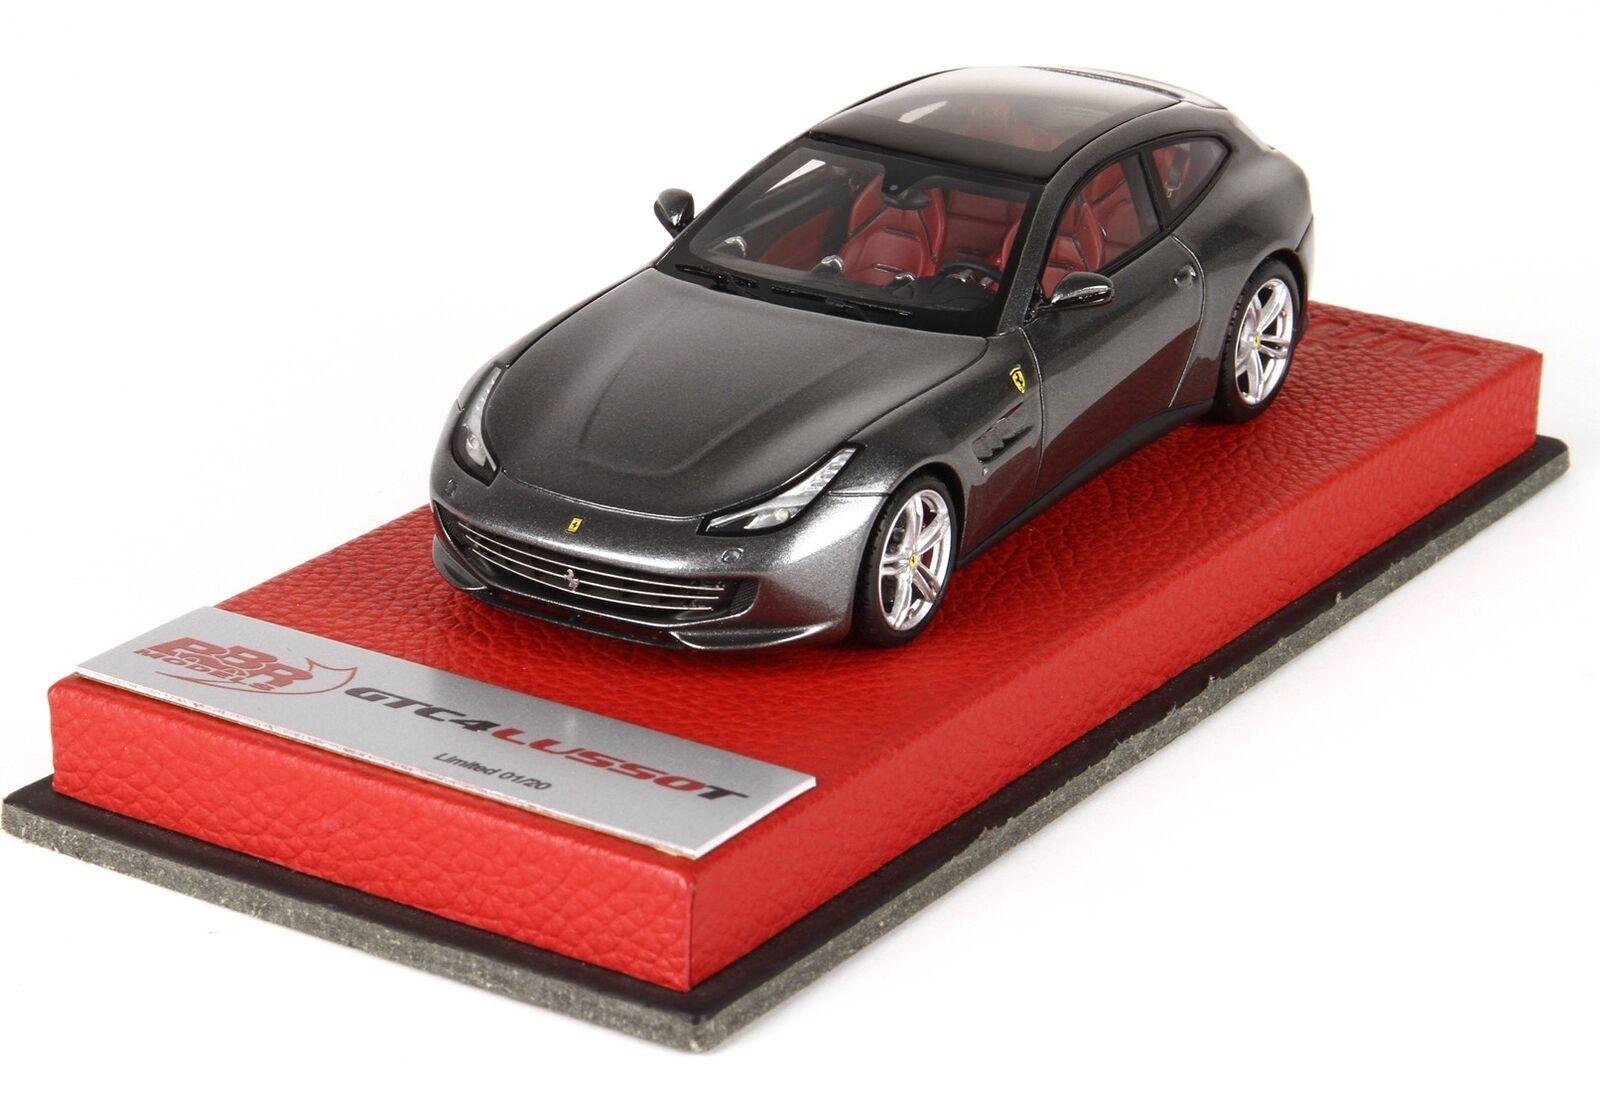 Ferrari gtc4 lusso t 2017 grau canna di hatten fucile grau traf bbr 1 43 bbrc191apre m